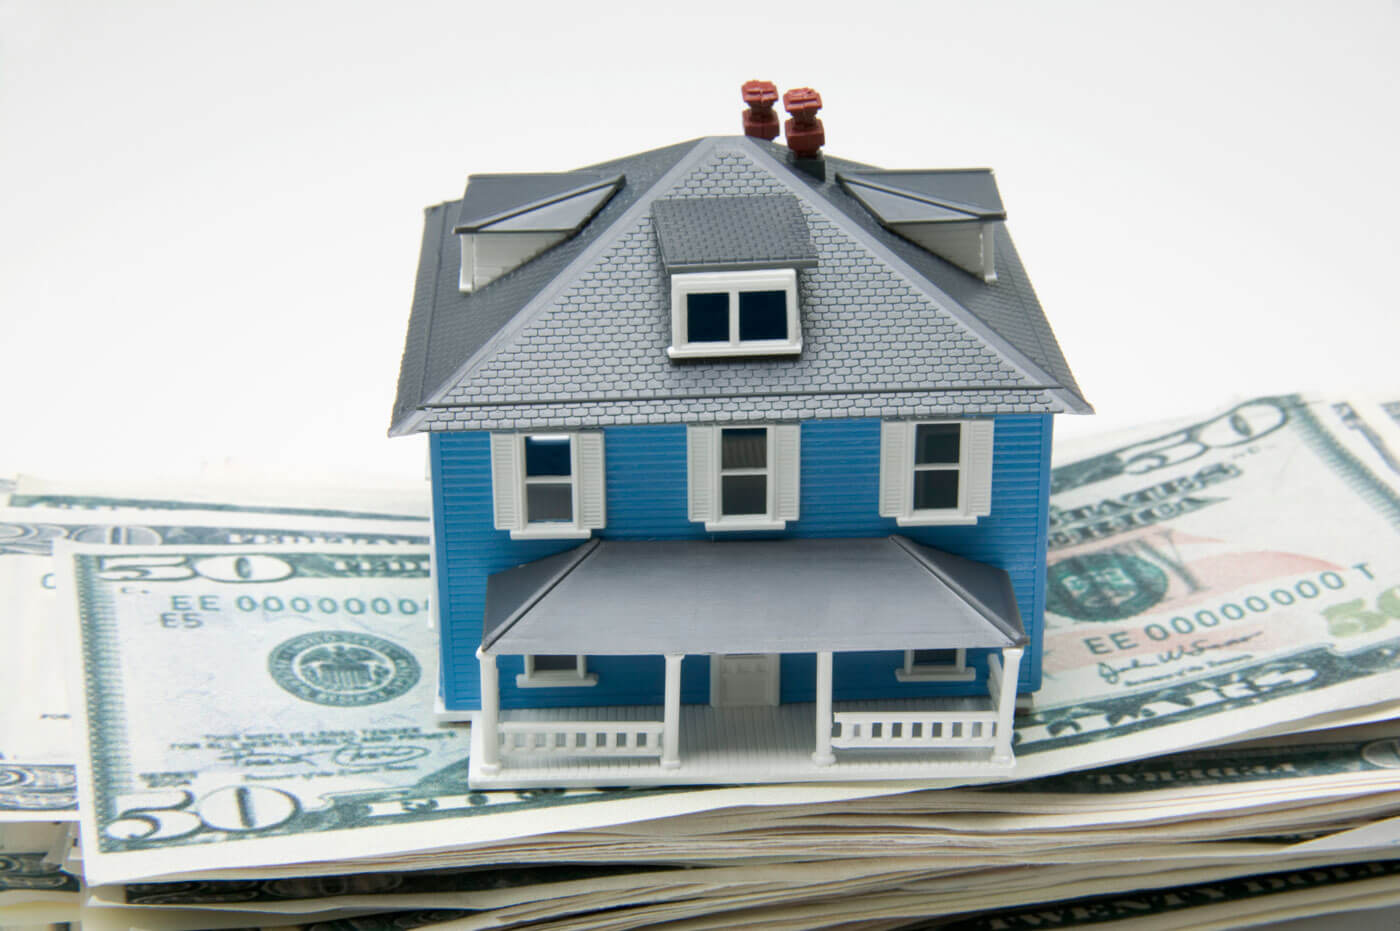 кредит под залог доли в квартире без согласия других собственников сбербанк